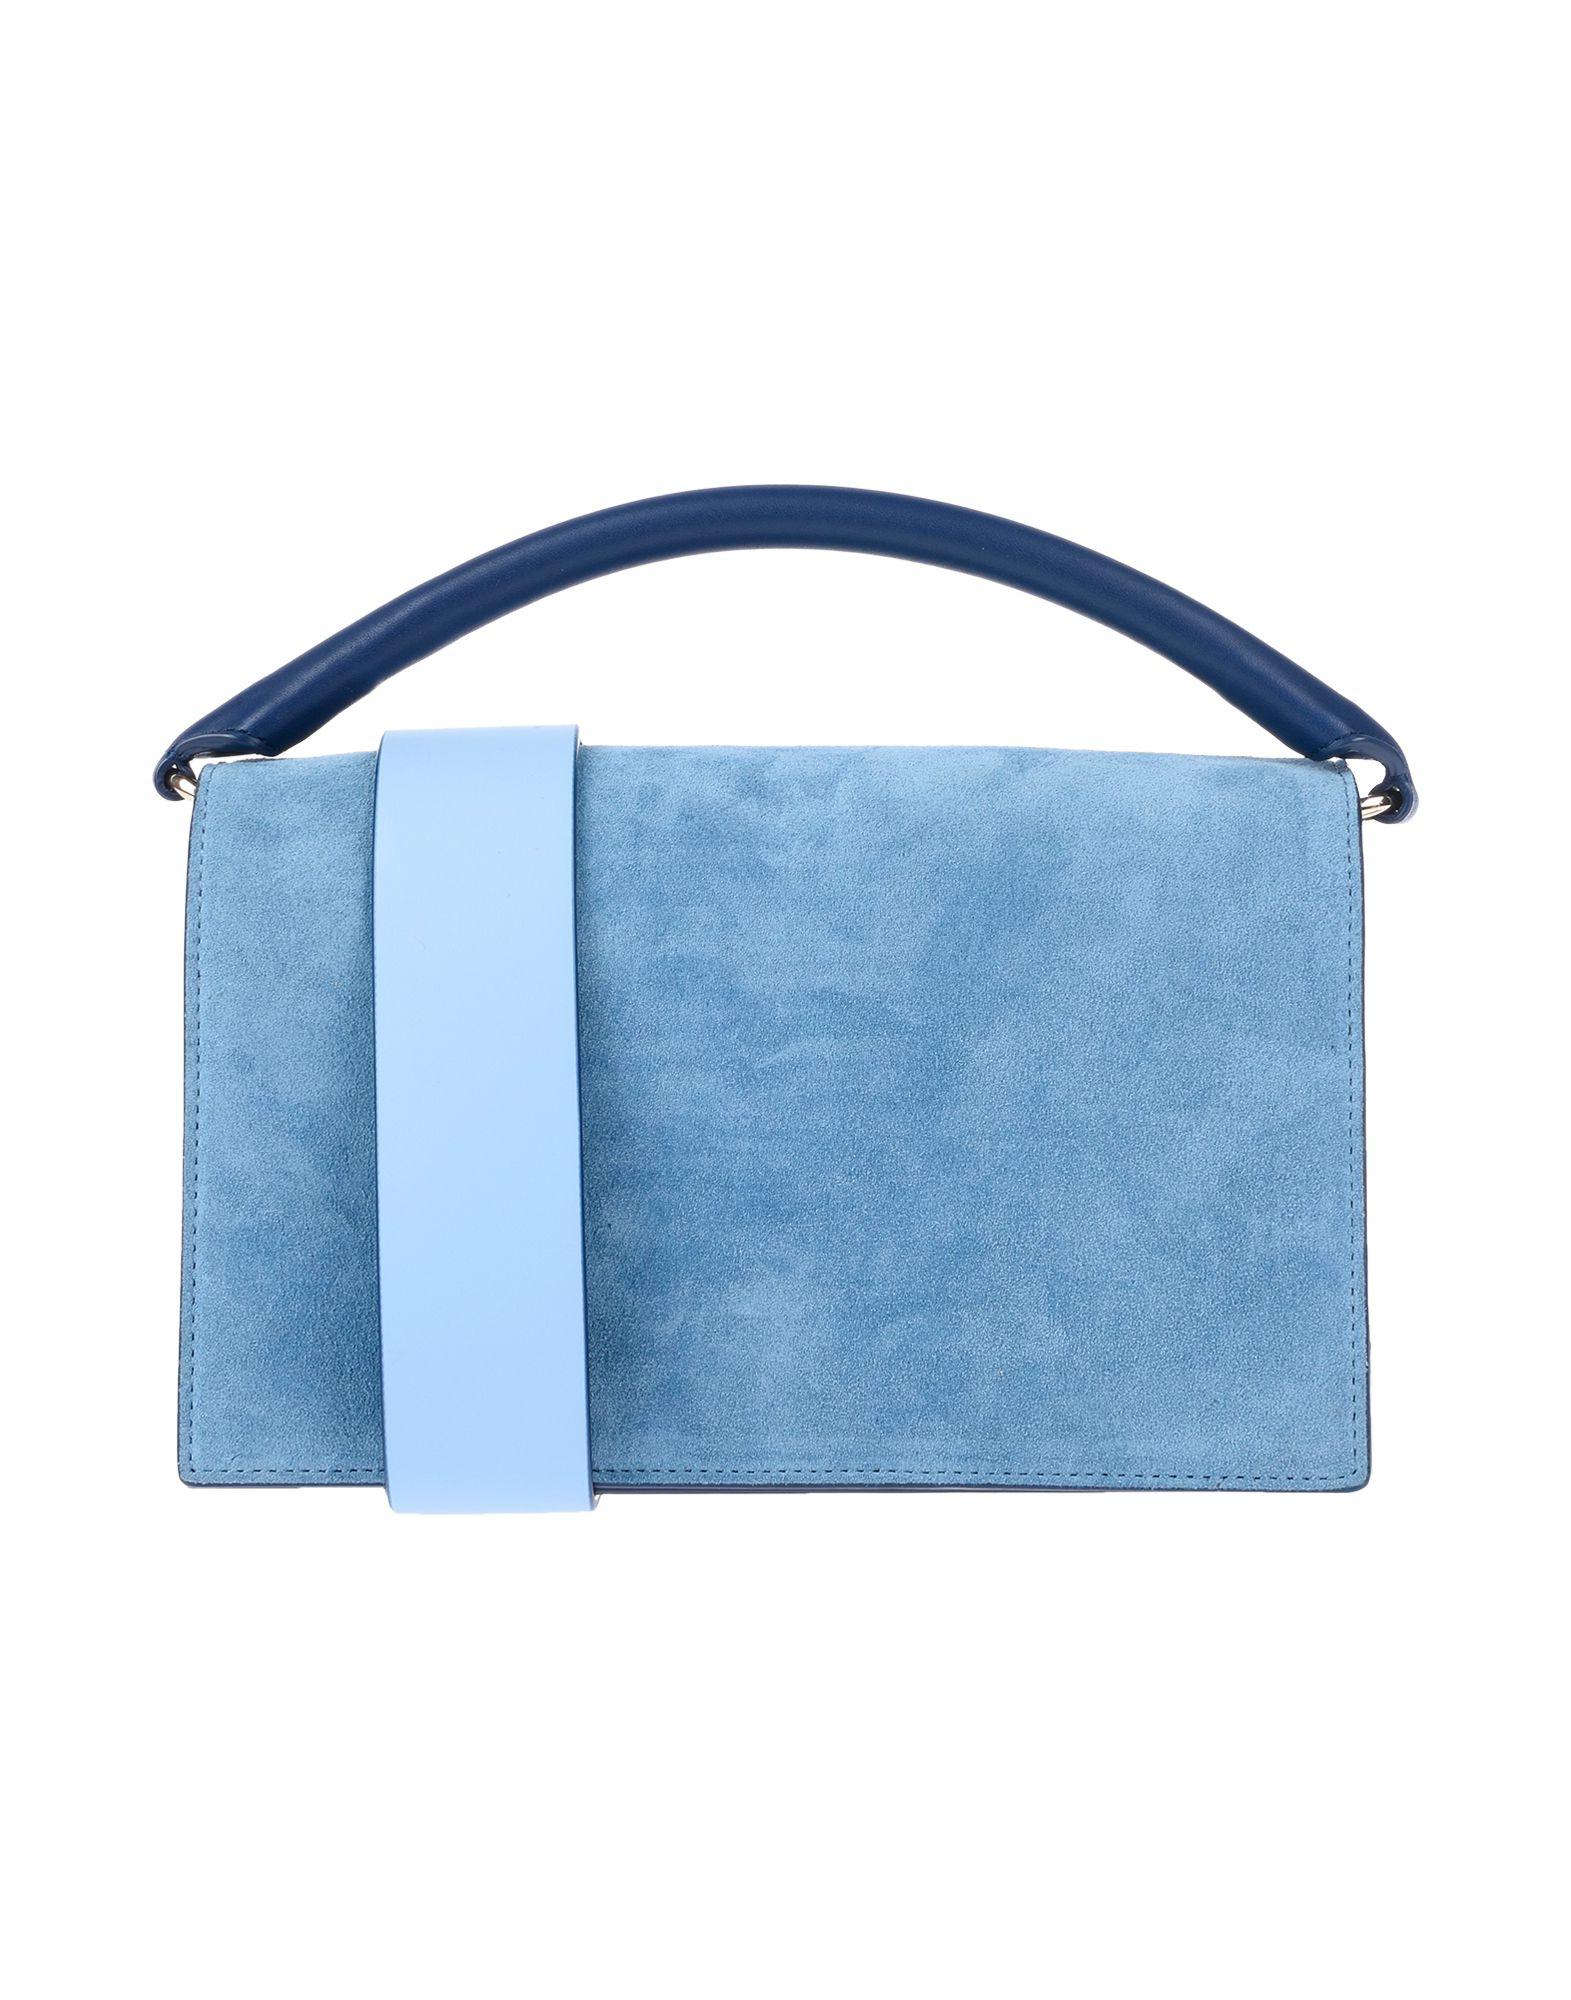 Diane Von Furstenberg Across Body Bag